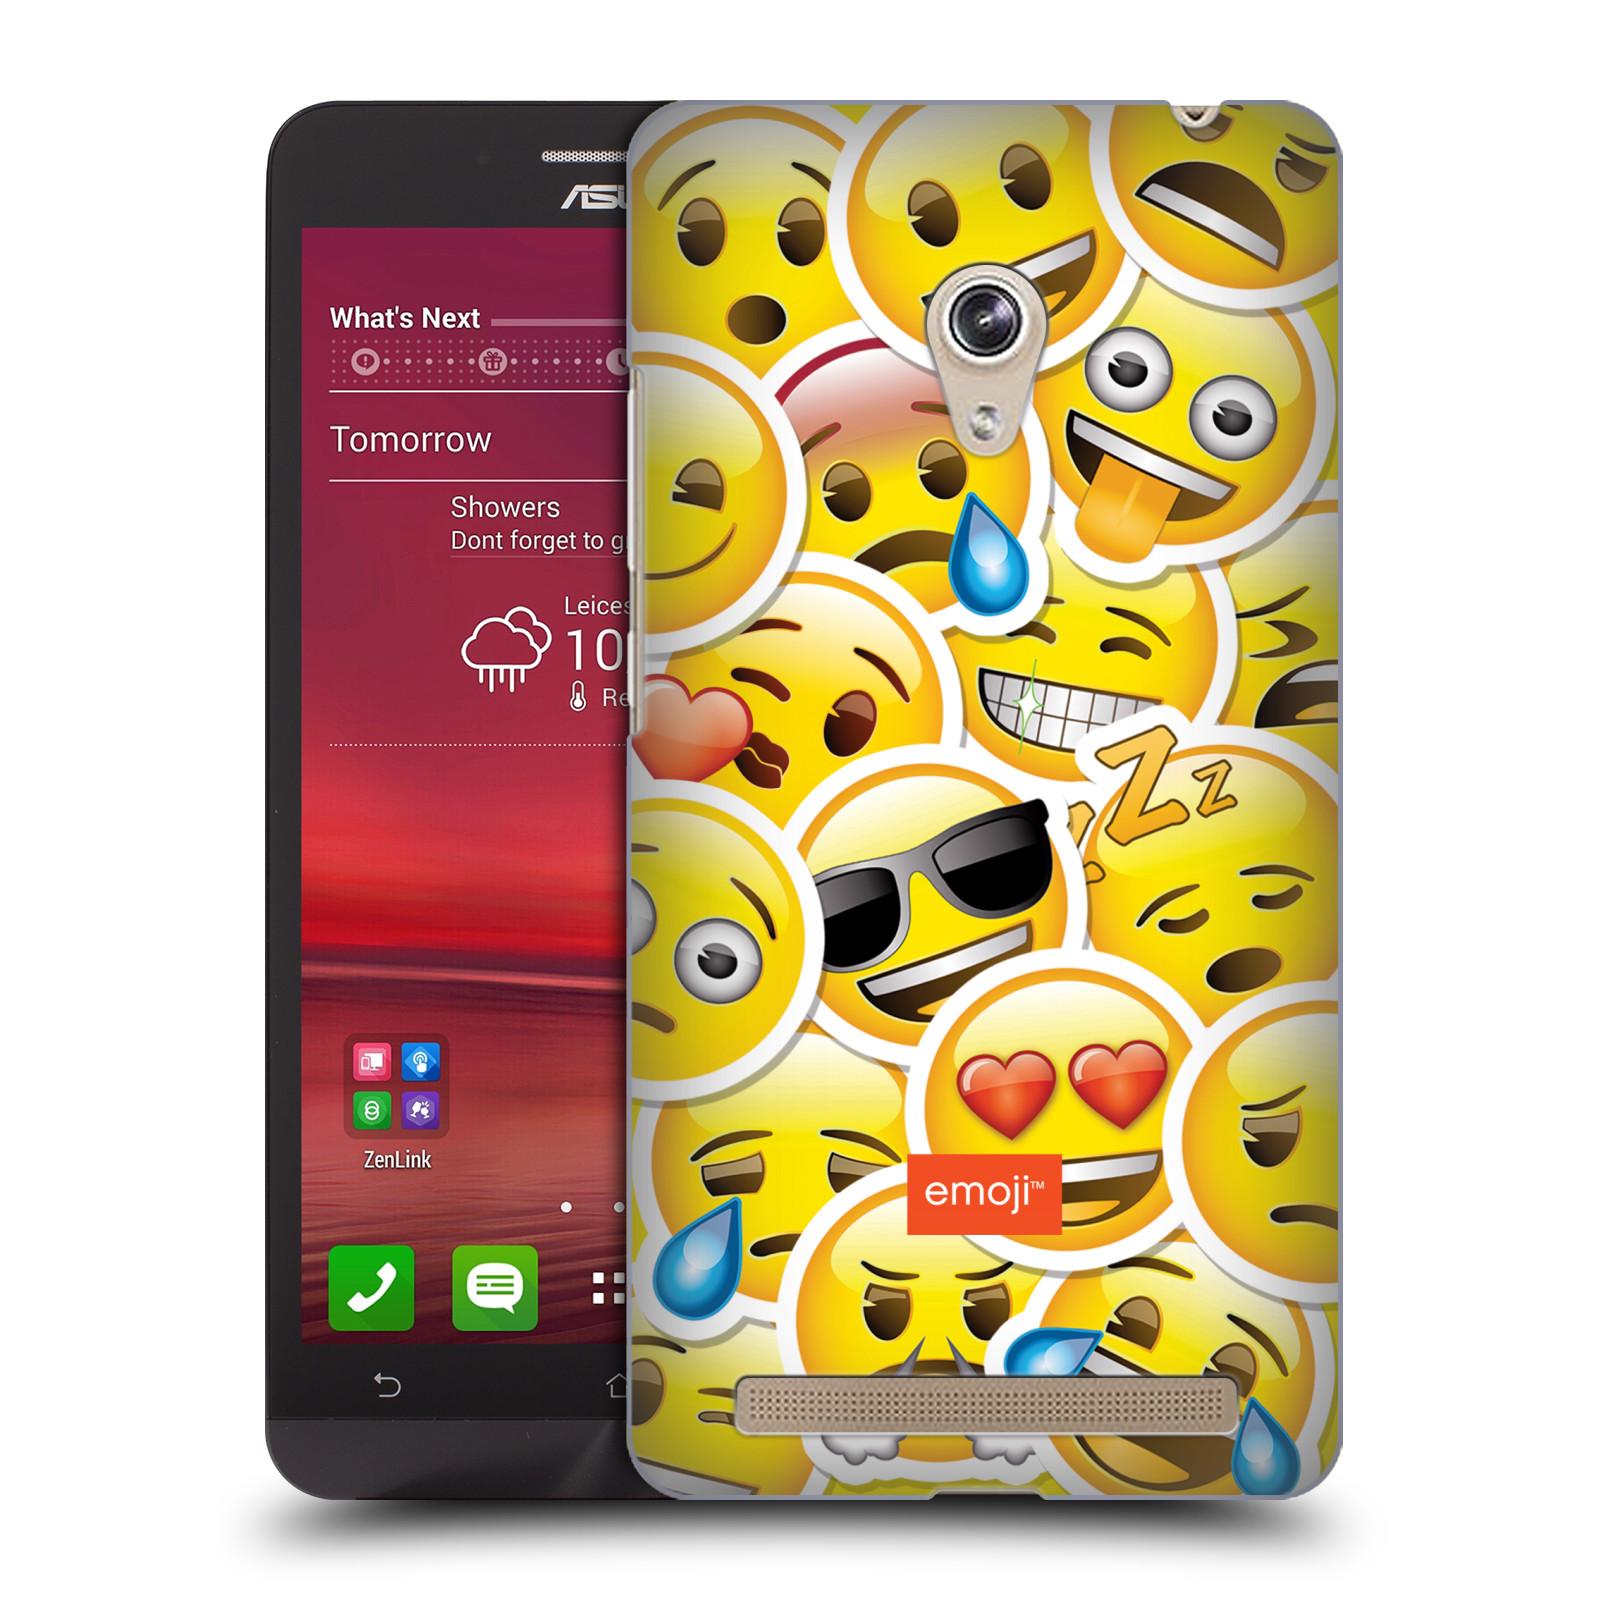 Plastové pouzdro na mobil Asus Zenfone 6 HEAD CASE EMOJI - Velcí smajlíci ZZ (Kryt či obal s oficiálním motivem EMOJI na mobilní telefon Asus Zenfone 6 A600CG / A601CG)